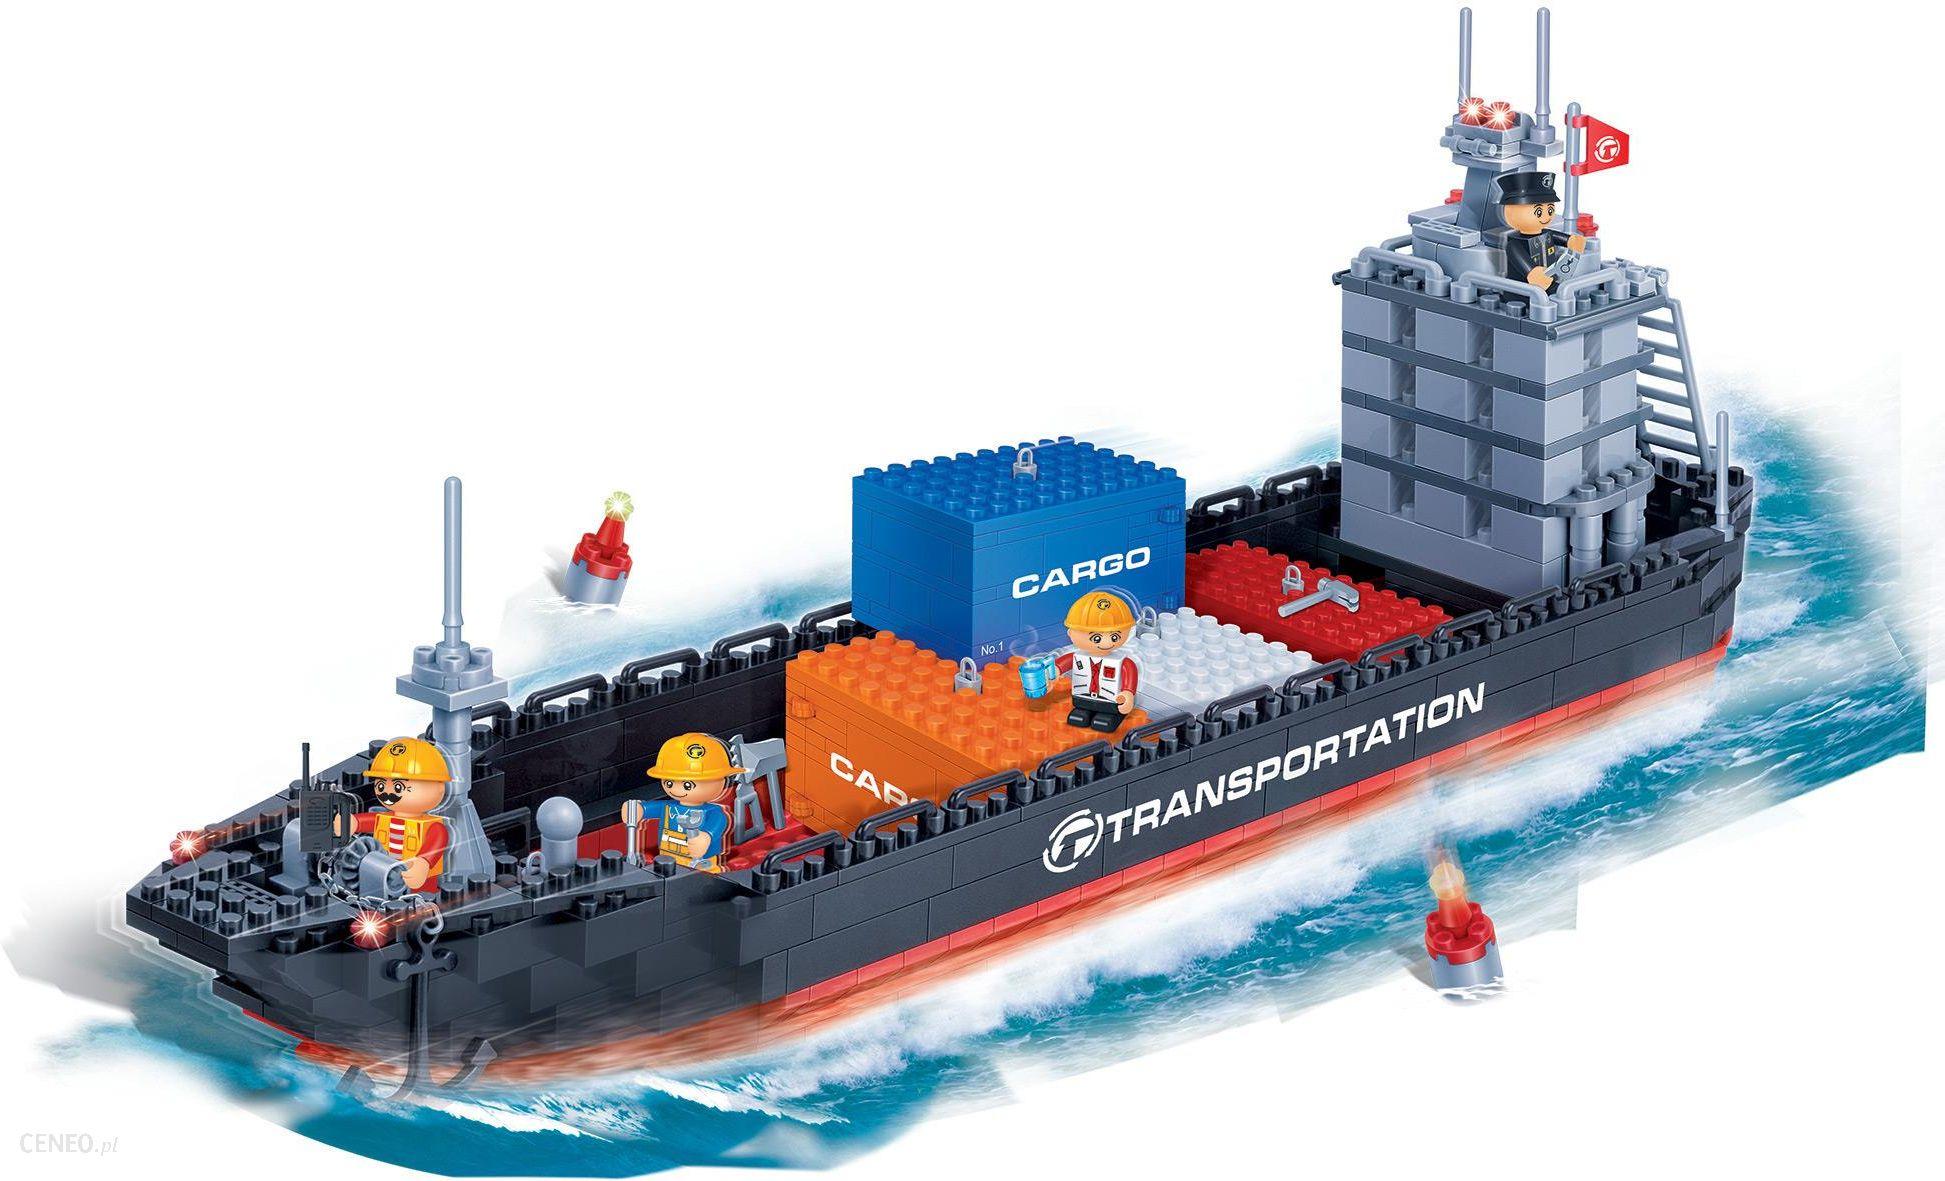 Картинки кораблей конструктора